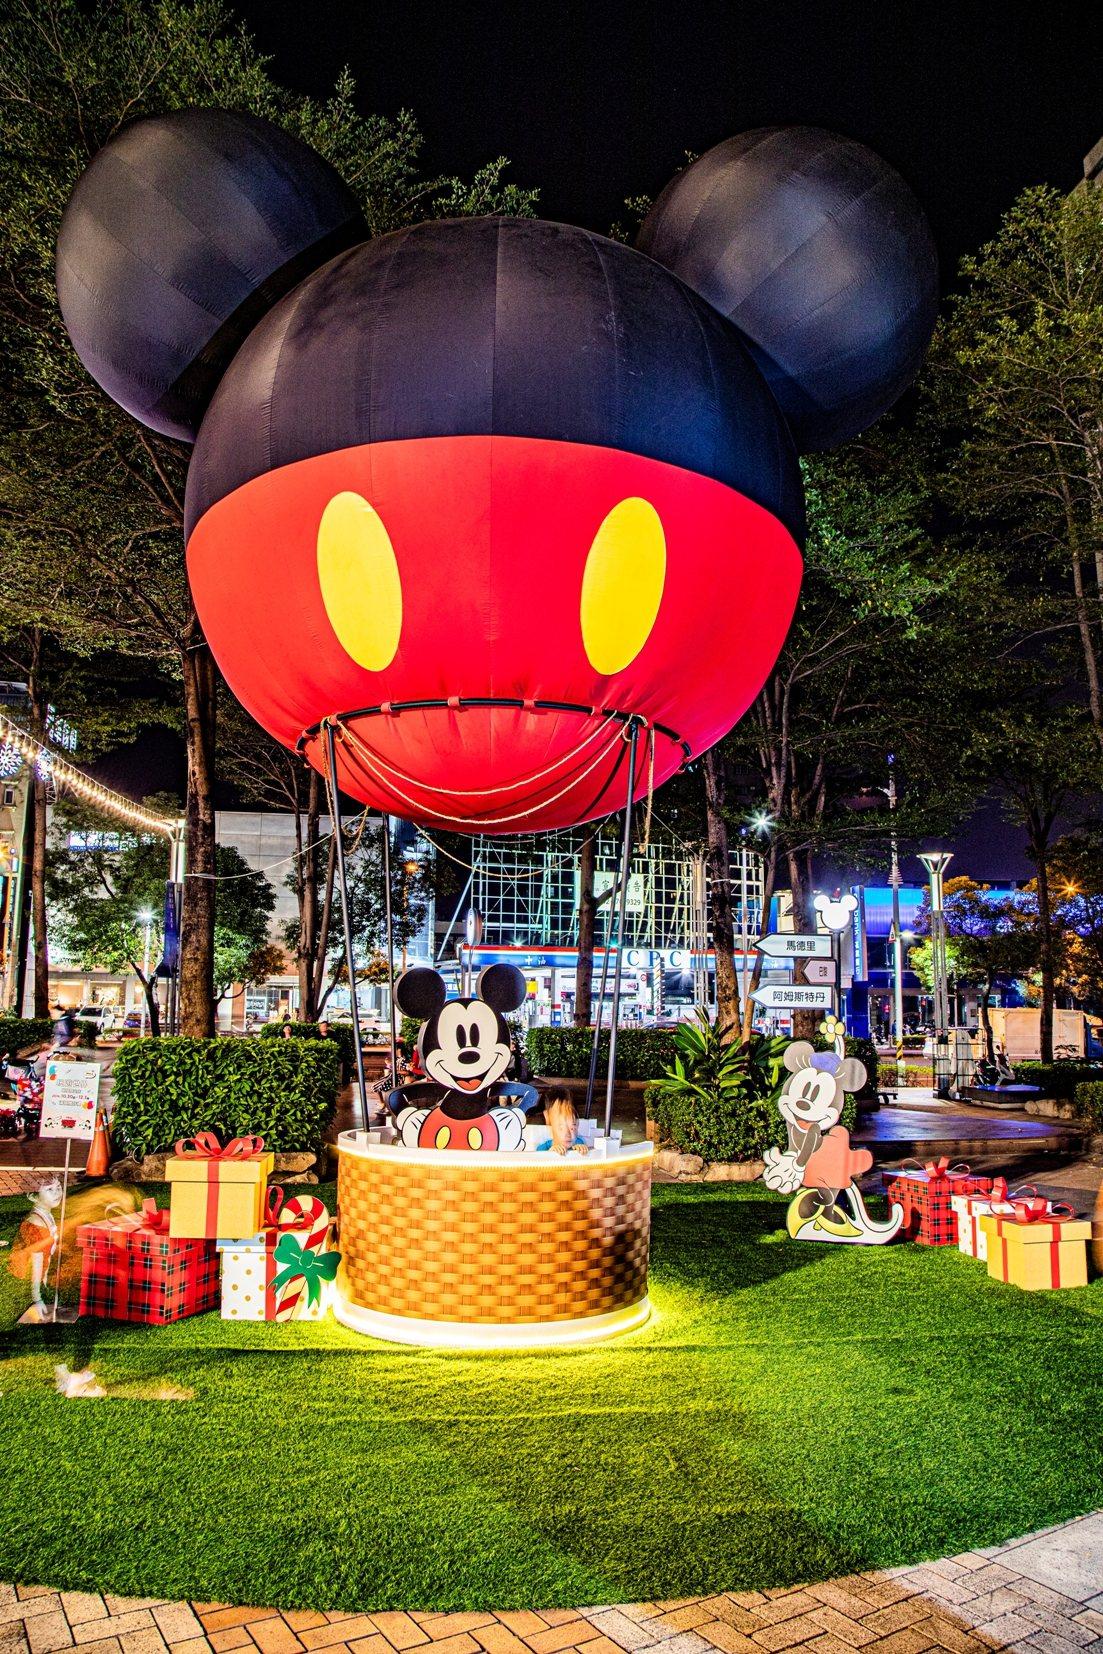 有如米奇熱氣球的裝置,相當吸睛。圖/漢神巨蛋提供